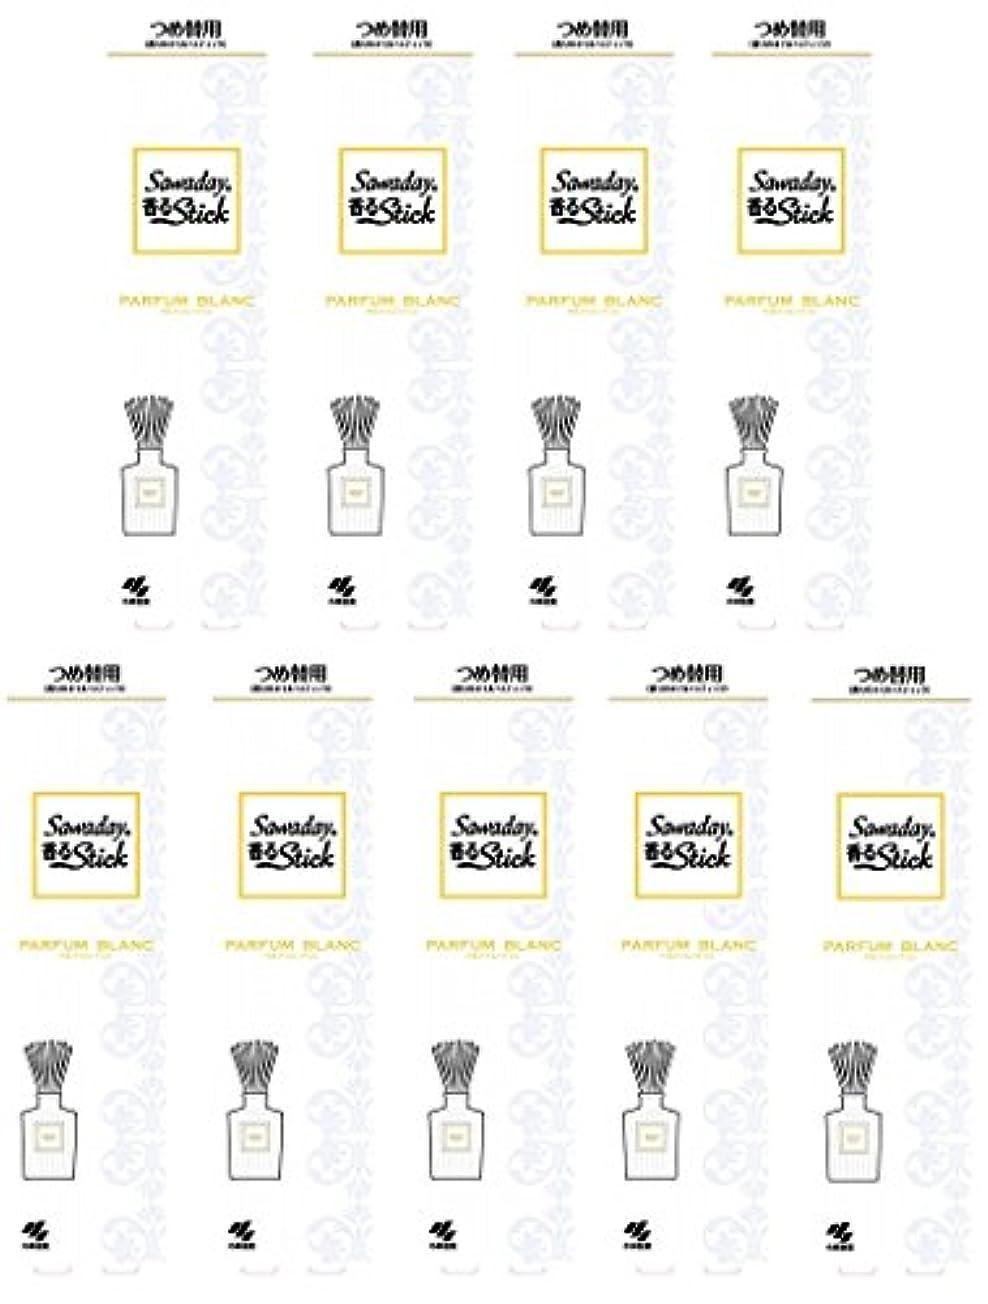 暫定のクランシー変色する【まとめ買い】サワデー香るスティック 消臭芳香剤 詰め替え用 パルファムブラン 70ml×9個